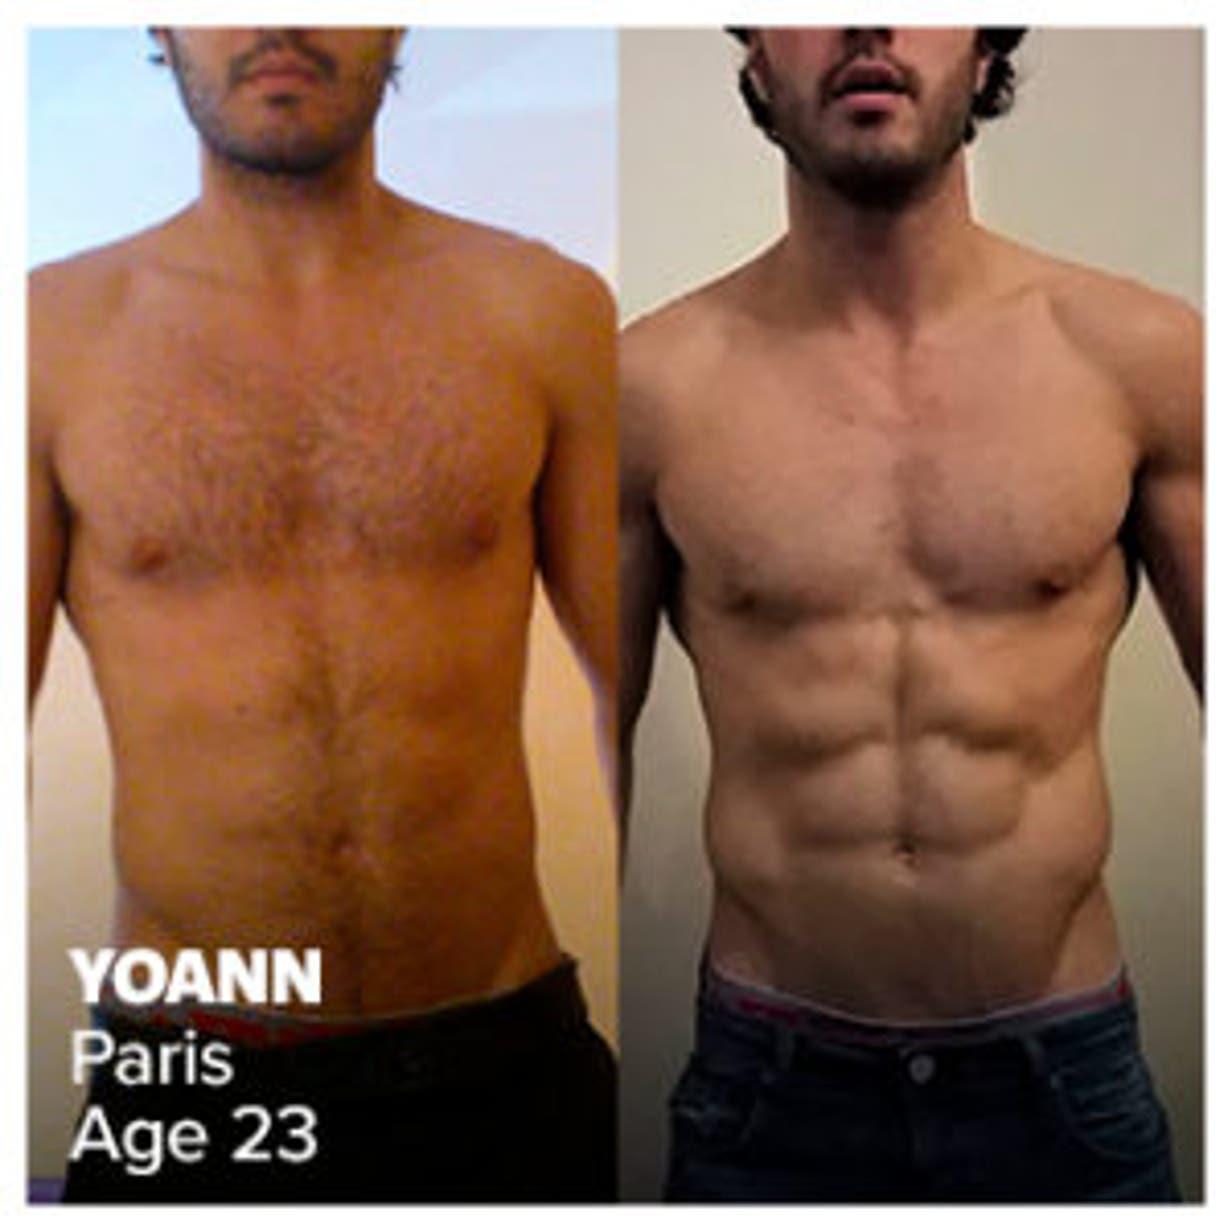 yoann_grid